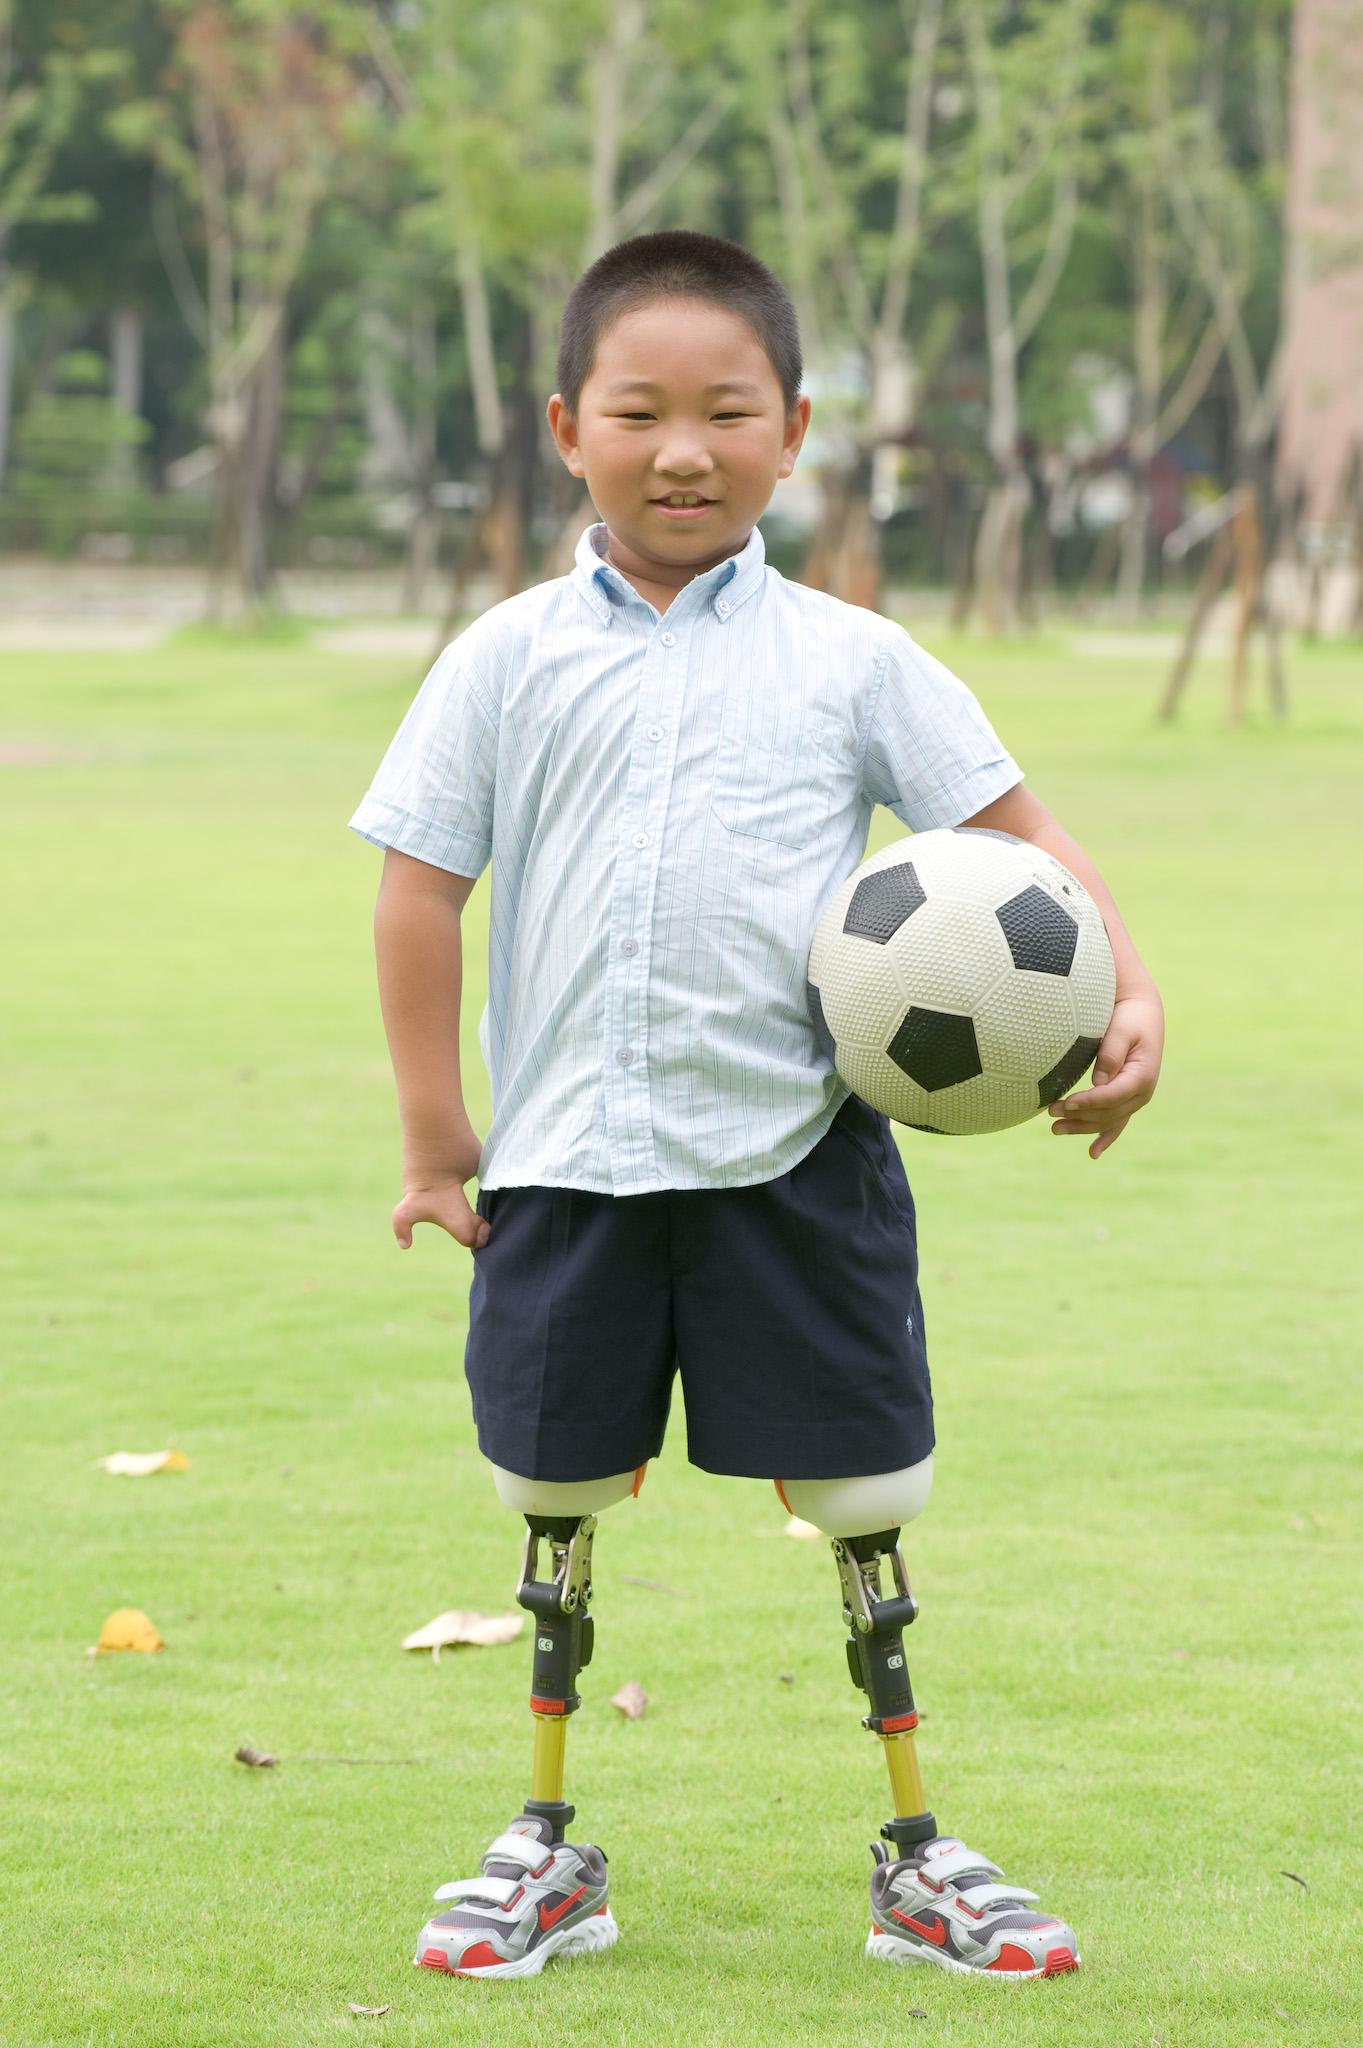 小腿假肢安装